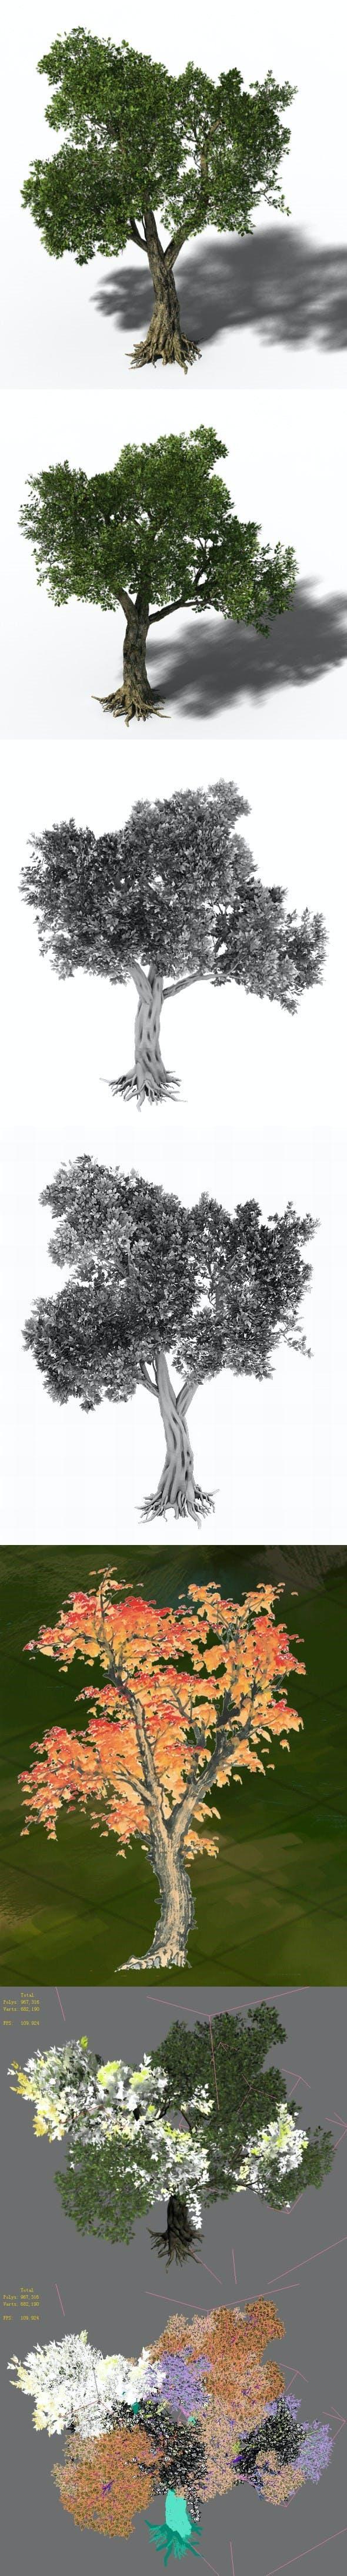 Windland Prairie - Big Tree 01 - 3DOcean Item for Sale